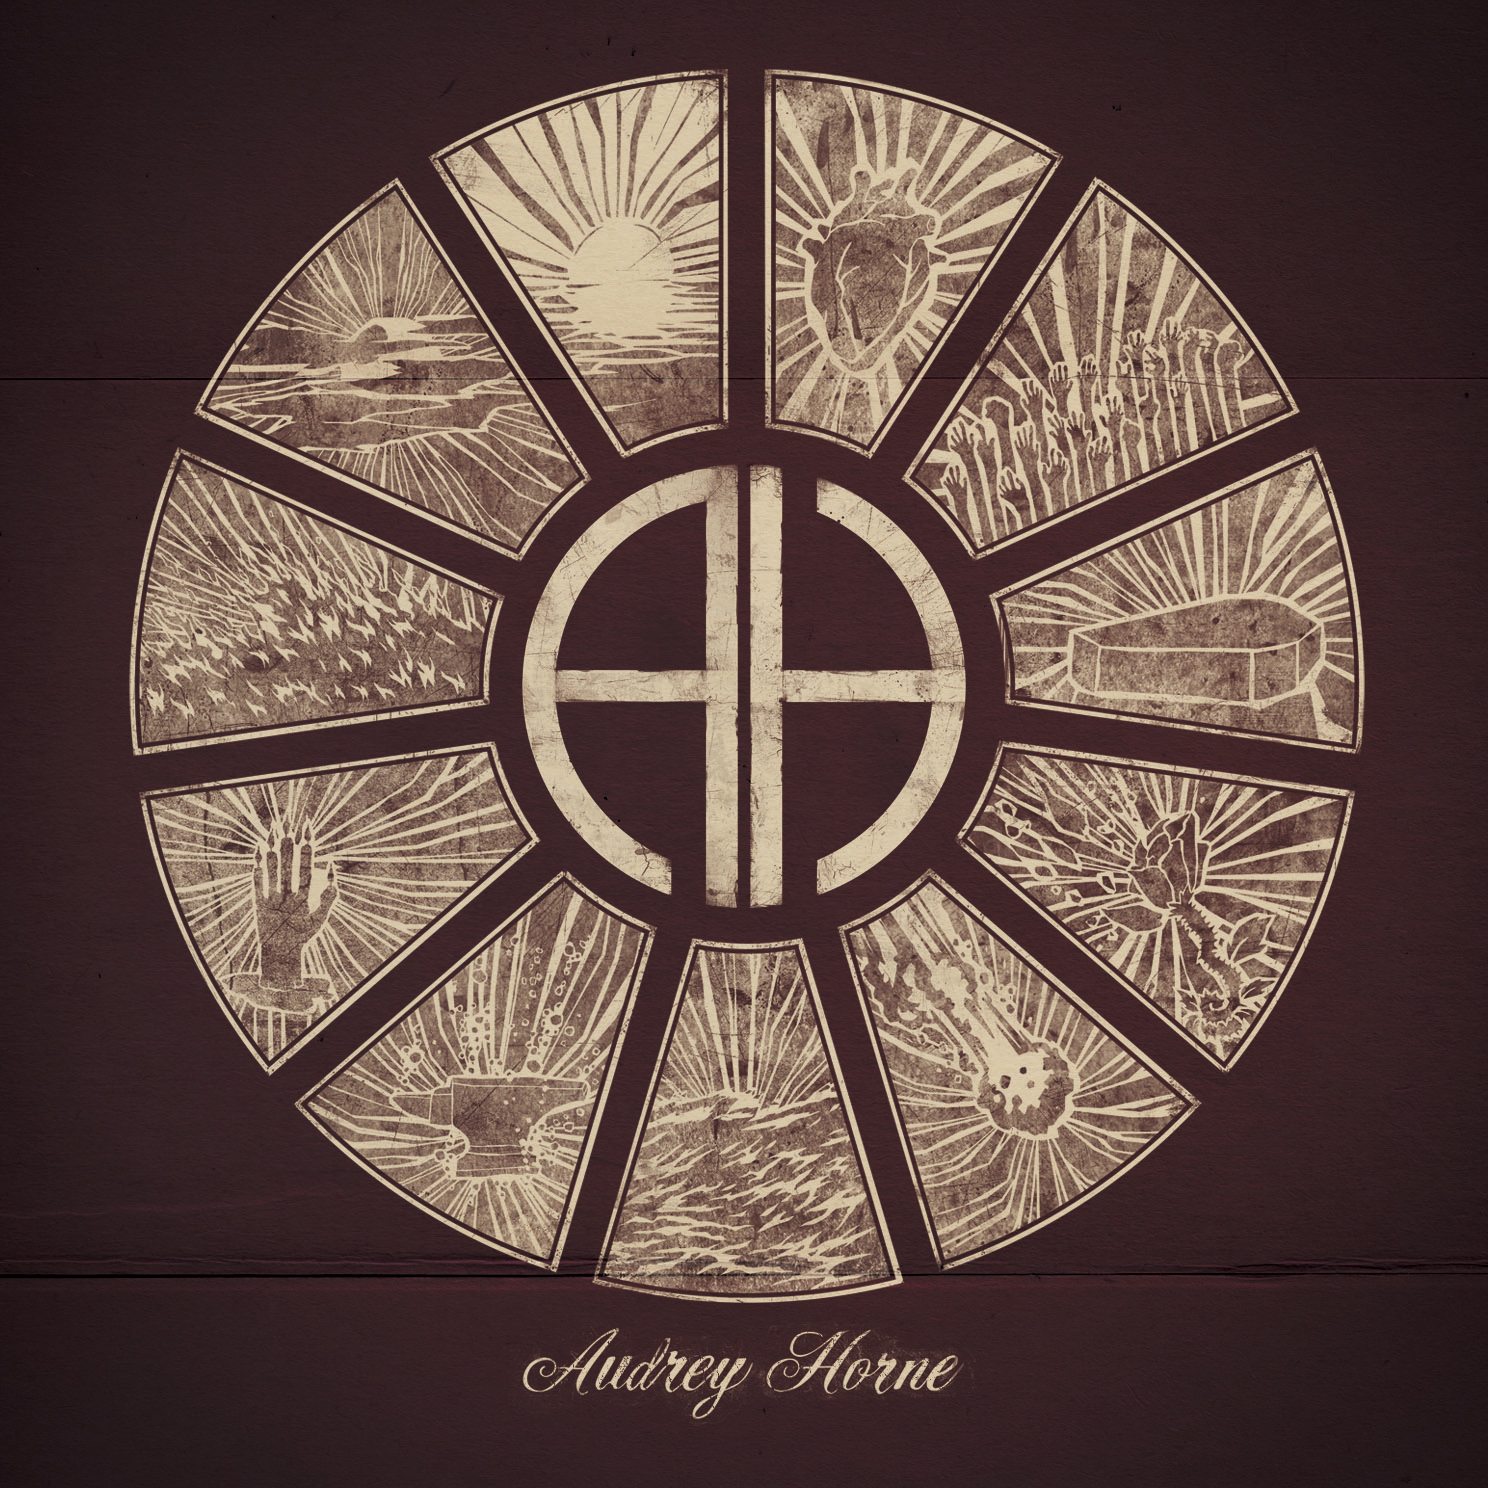 Audrey Horne – Audrey Horne Review